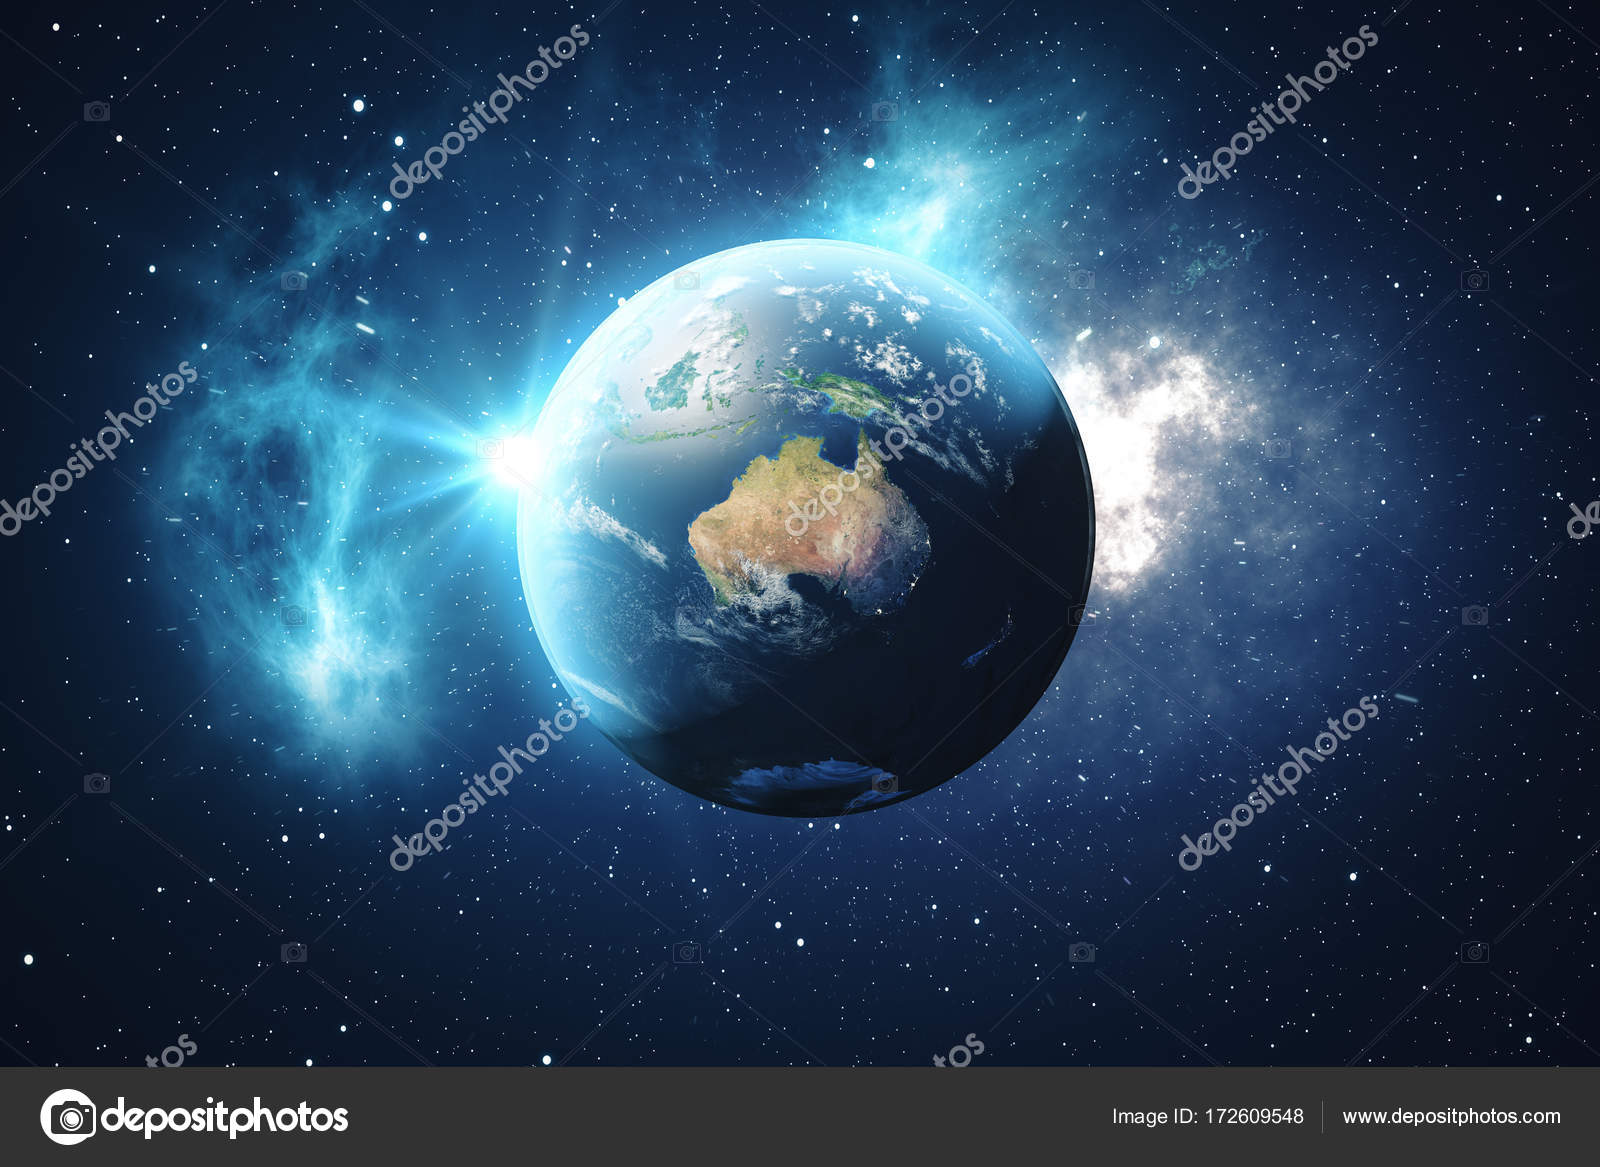 Bezaubernd Weltkugel 3d Das Beste Von Rendering Weltkugel. Erdkugel Mit Hintergrund Sterne Und